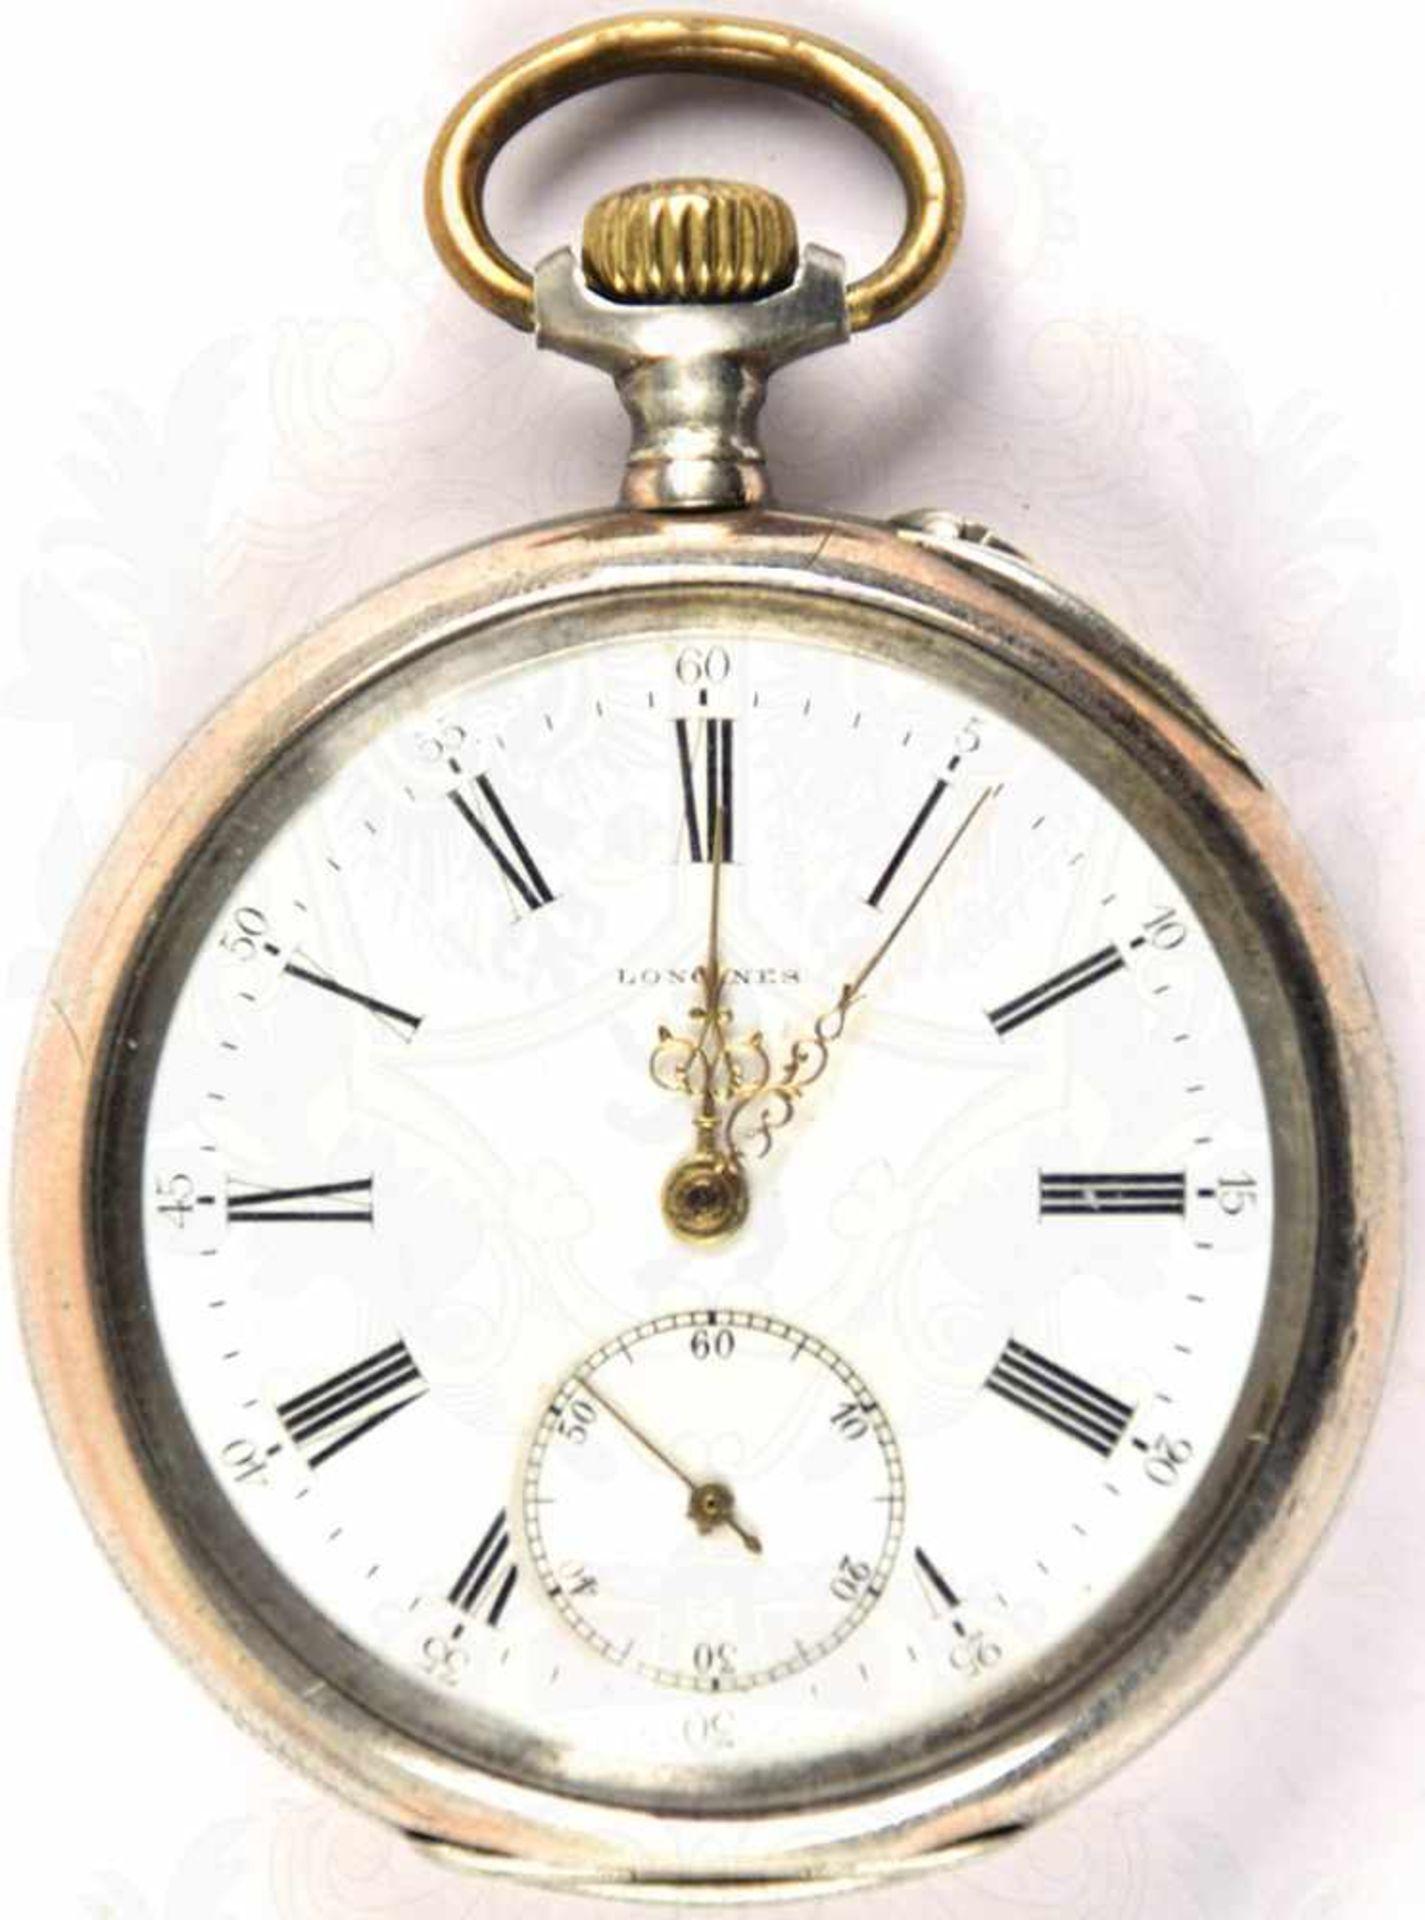 """HERREN-TASCHENUHR, Marke """"Longines"""", um 1900, Punze """"800"""", Kronenaufzug, Tragering u. Zeiger - Bild 4 aus 5"""